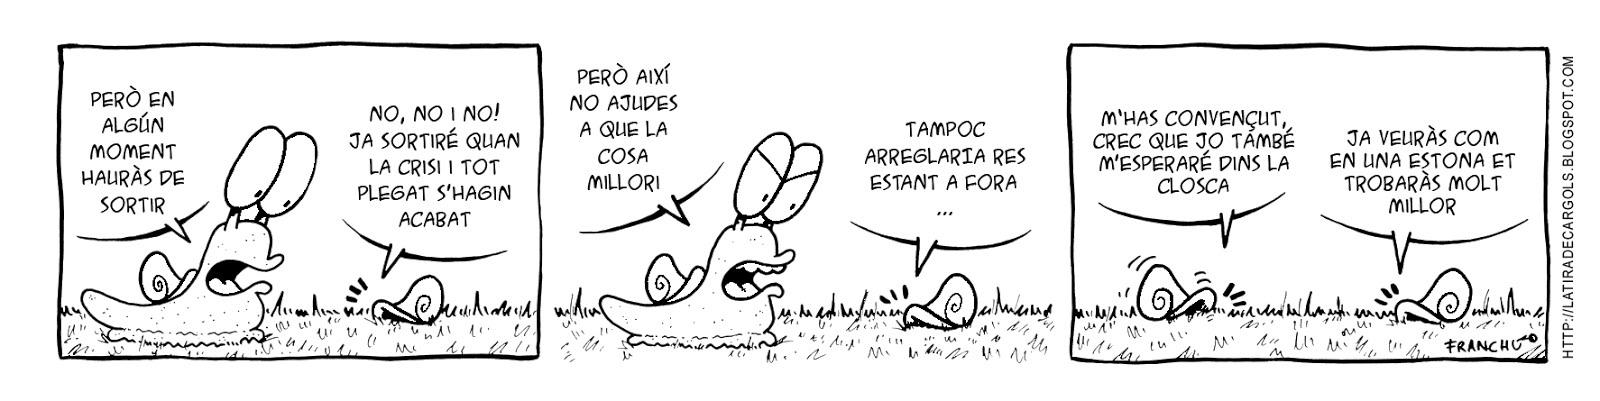 Tira comica 139 del webcomic Cargols del dibuixant Franchu de Barcelona